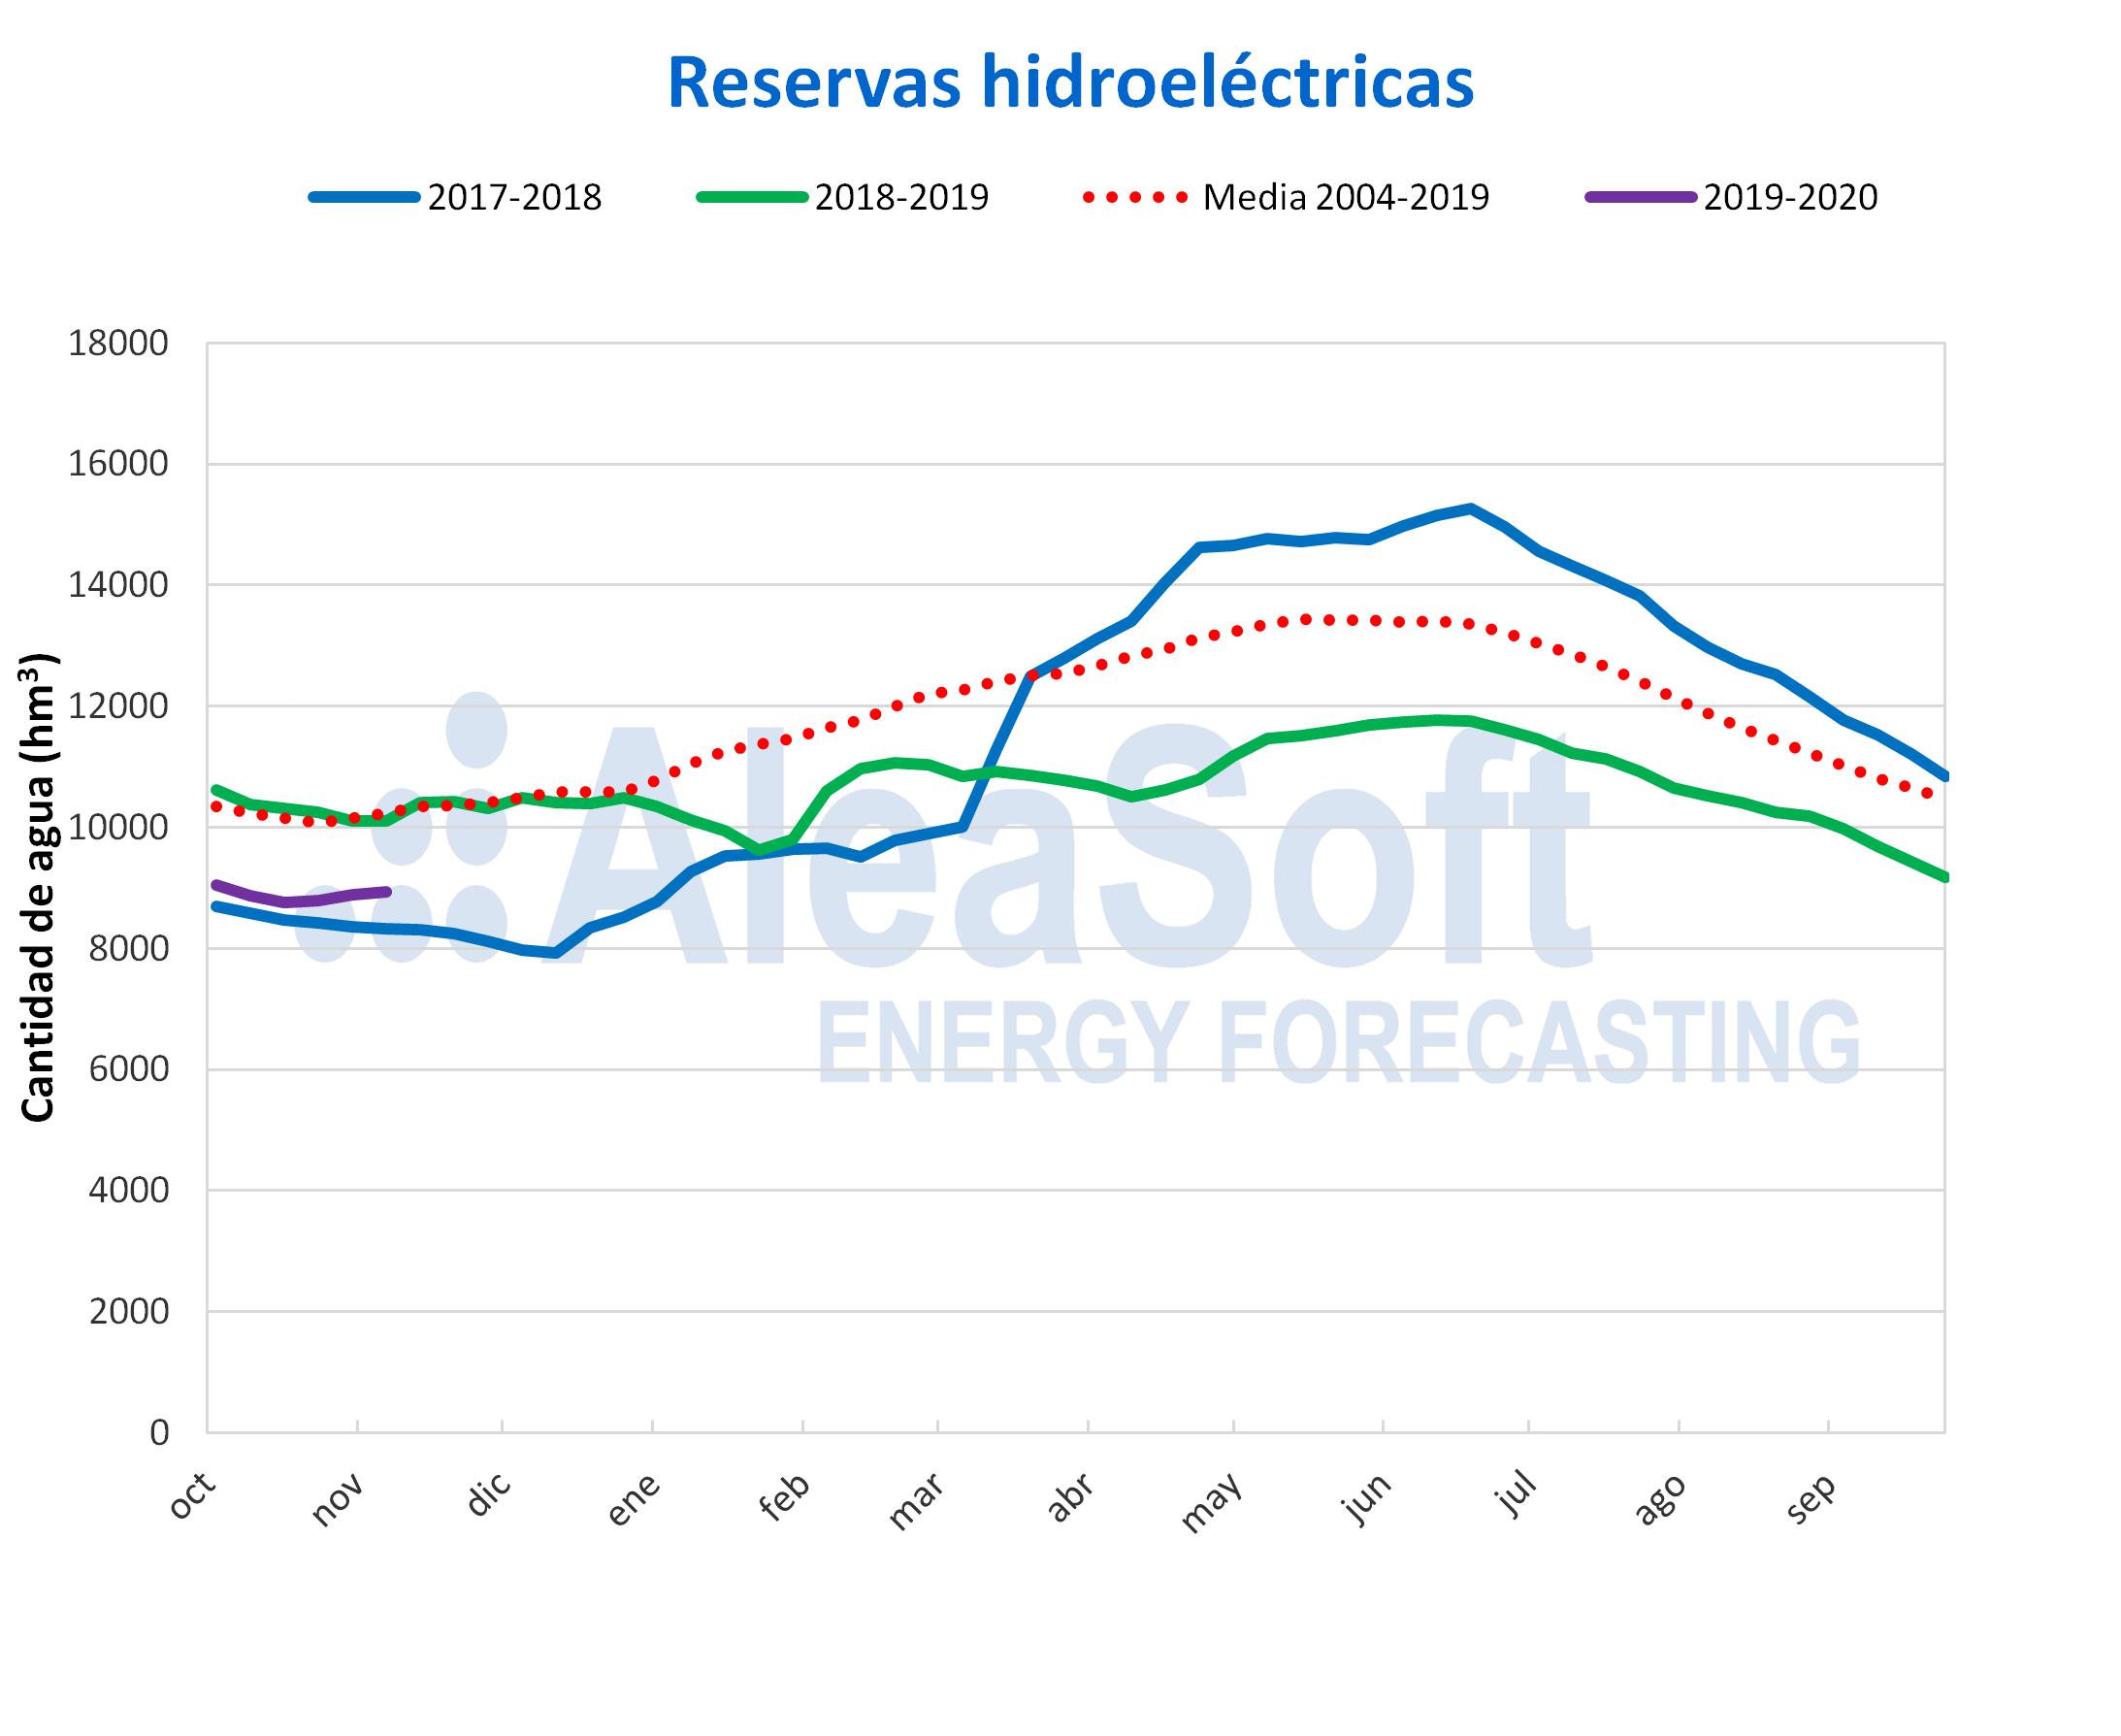 AleaSoft - Reservas hidroeléctricas España